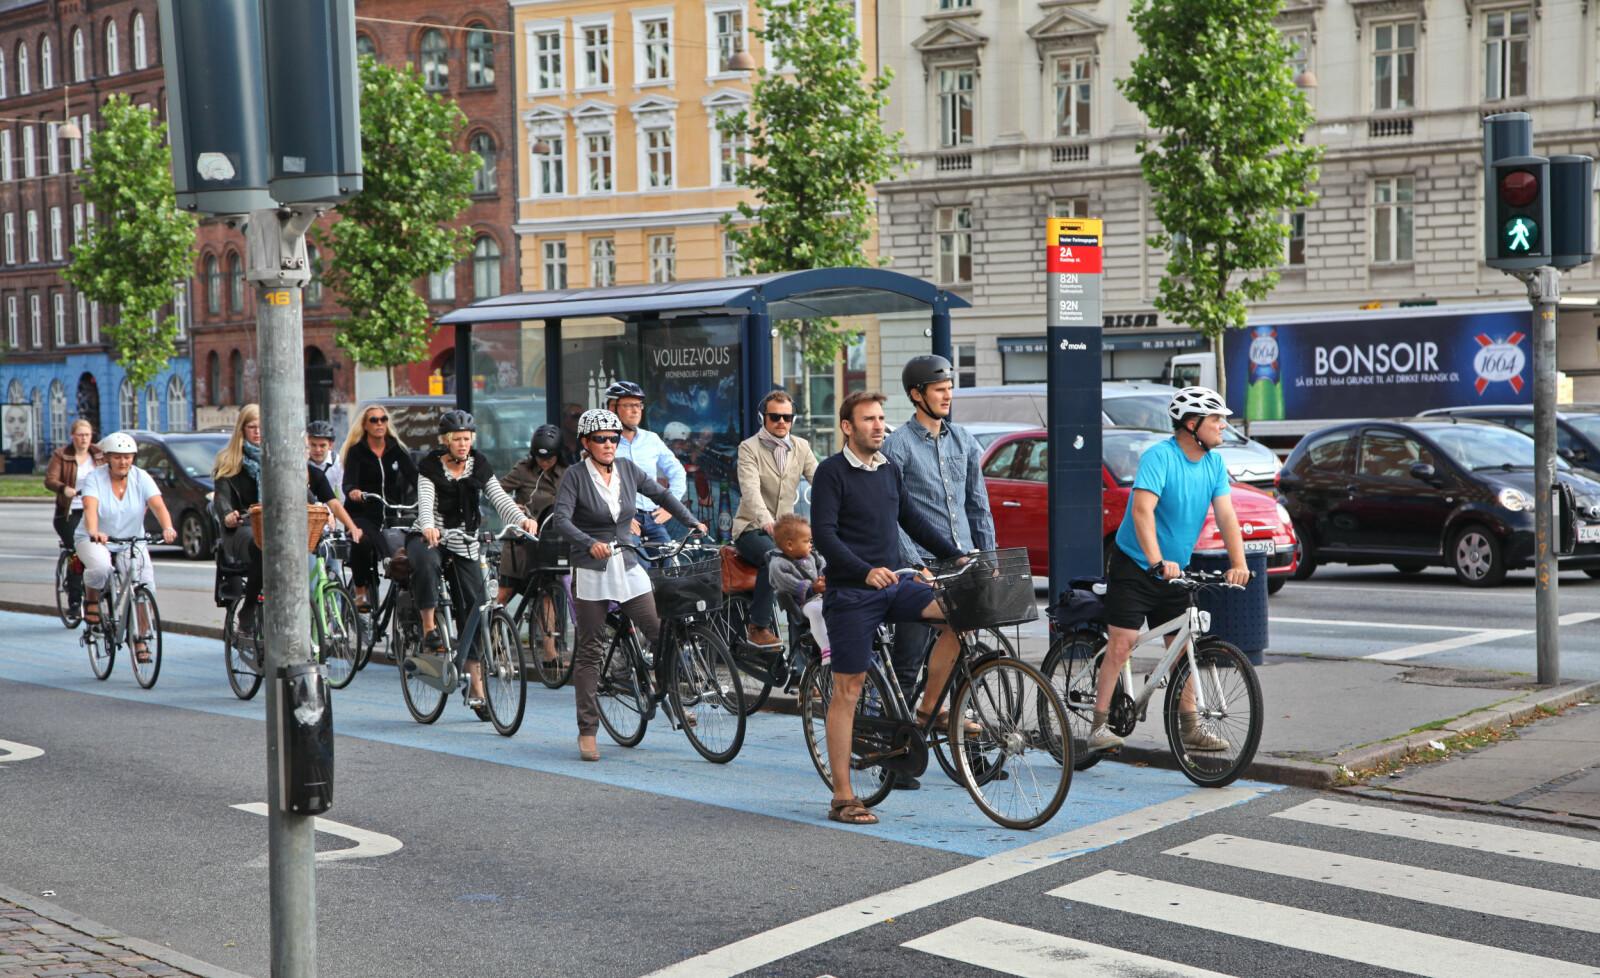 DANSKE TILSTANDER: Syklister venter på grønt lys i København. Foto: Shutterstock